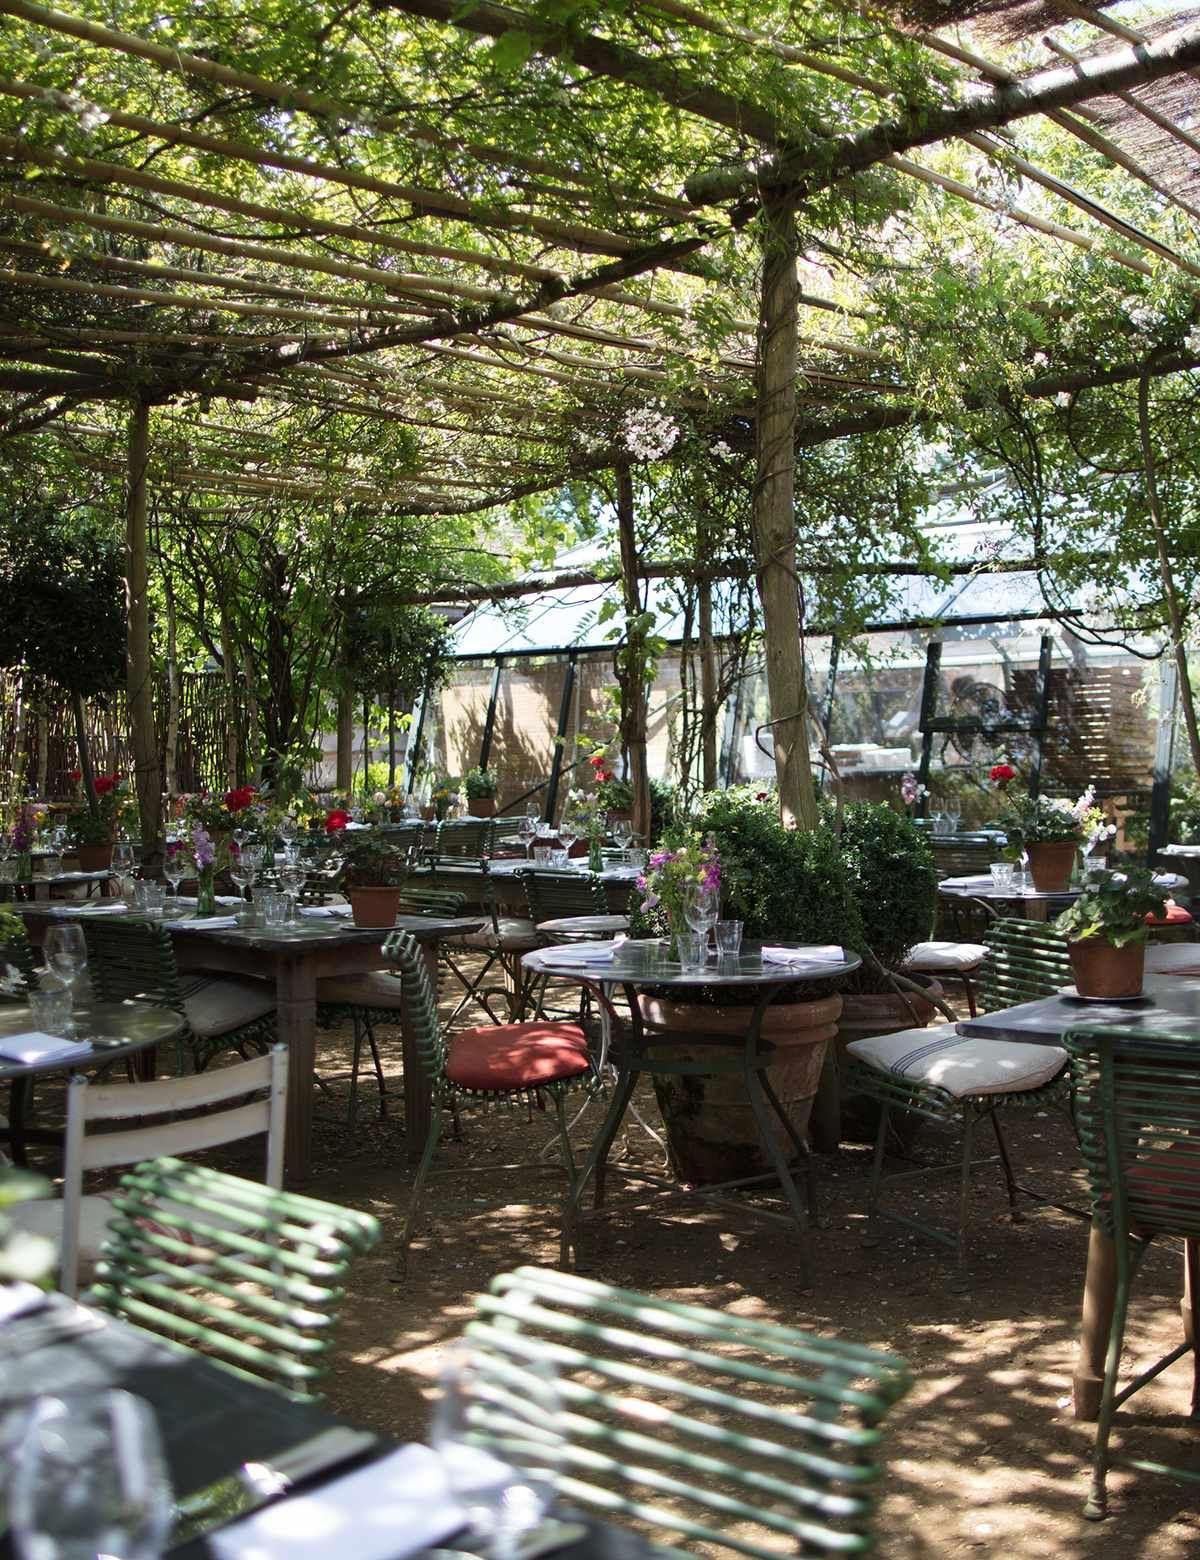 811bb76de1fec7dcb26734cd2661815e - Best Restaurants In Gardens Cape Town